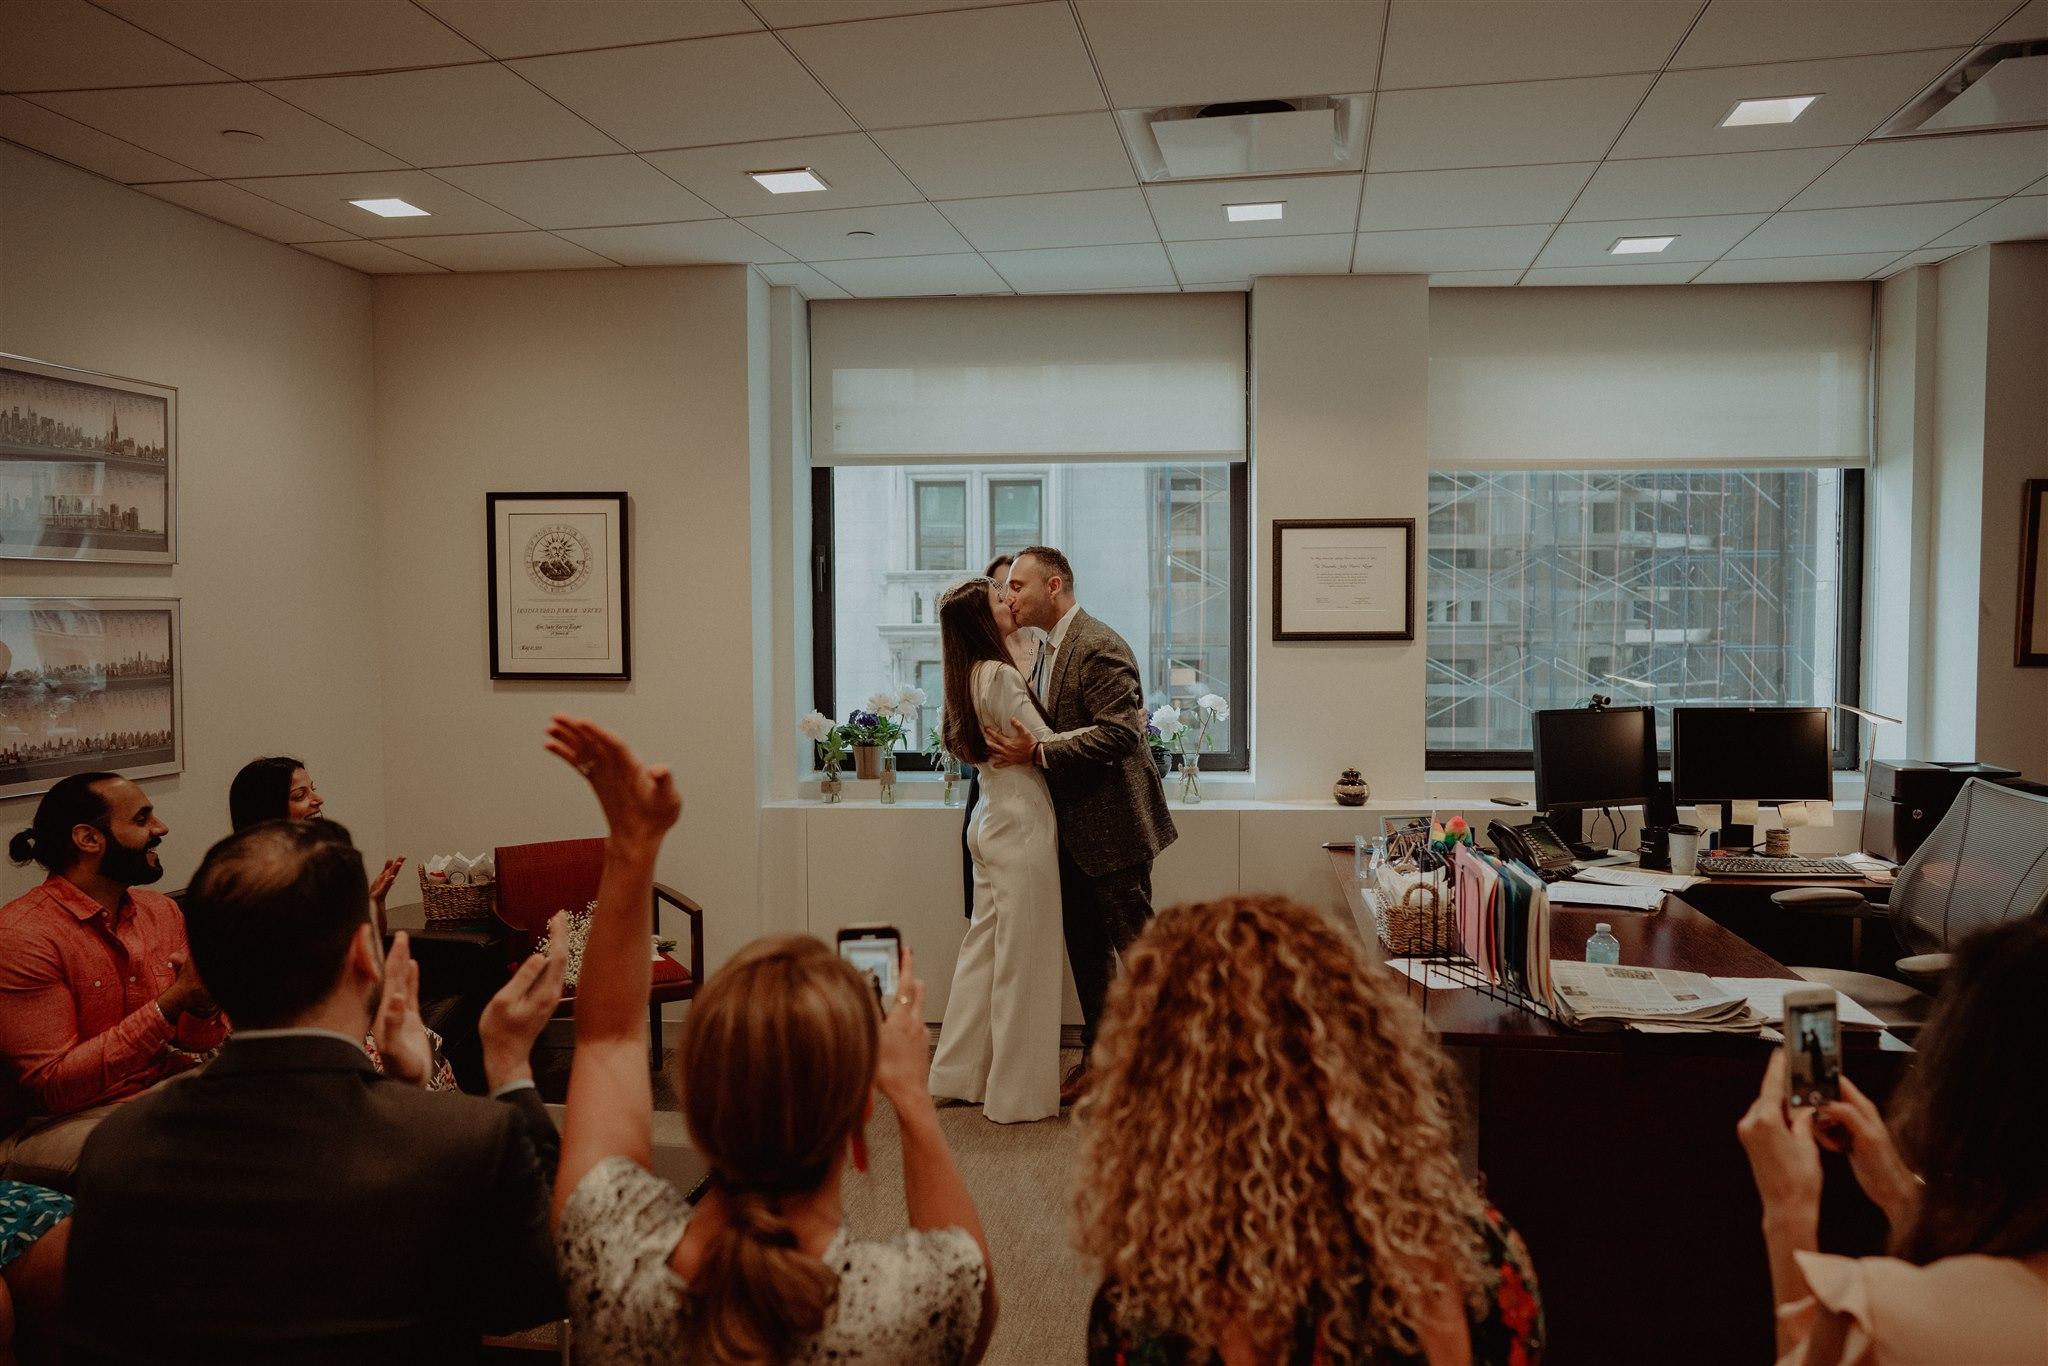 Chellise_Michael_Photography_Ramona_Brooklyn_Wedding_Photographer-73.jpg